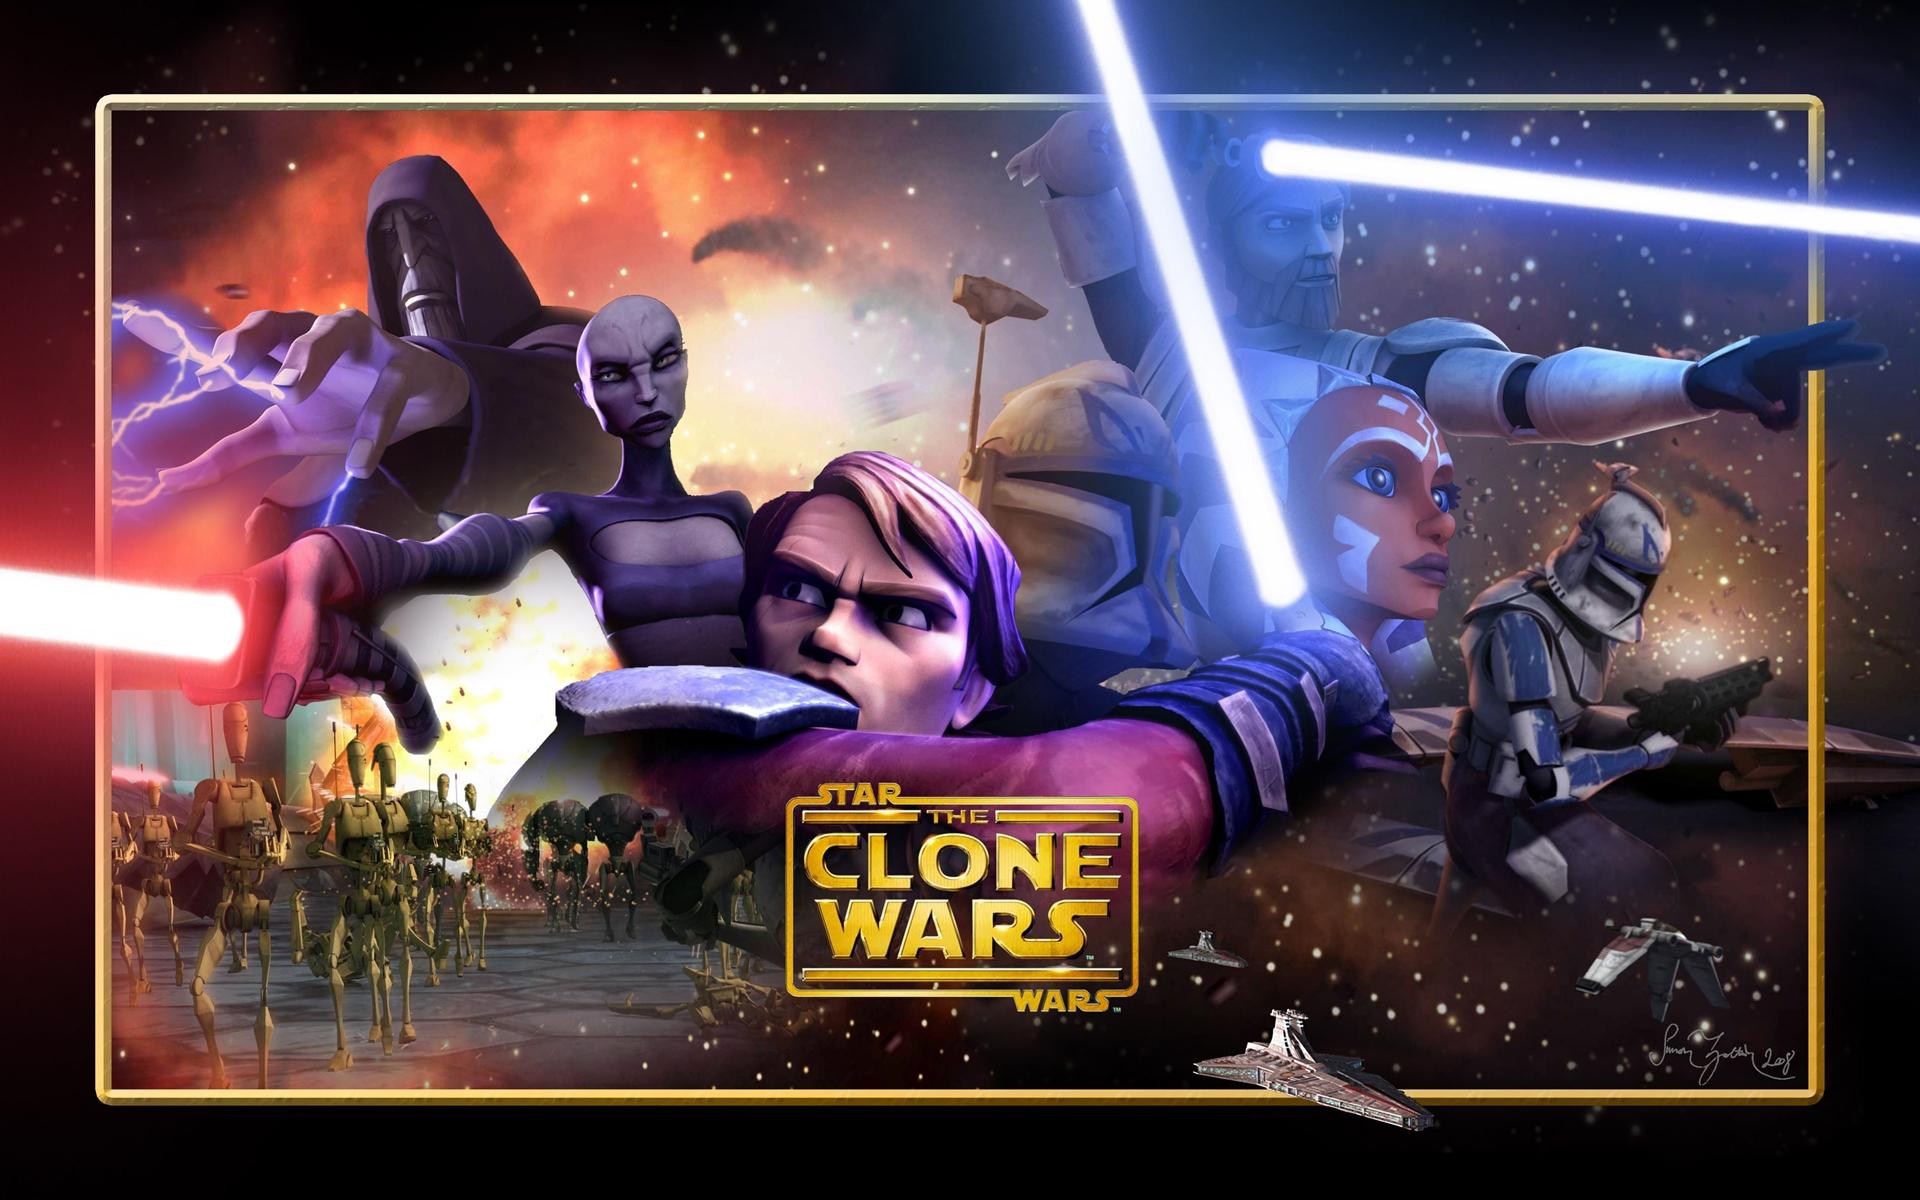 Star Wars The Clone Wars 2008 Hd Wallpaper